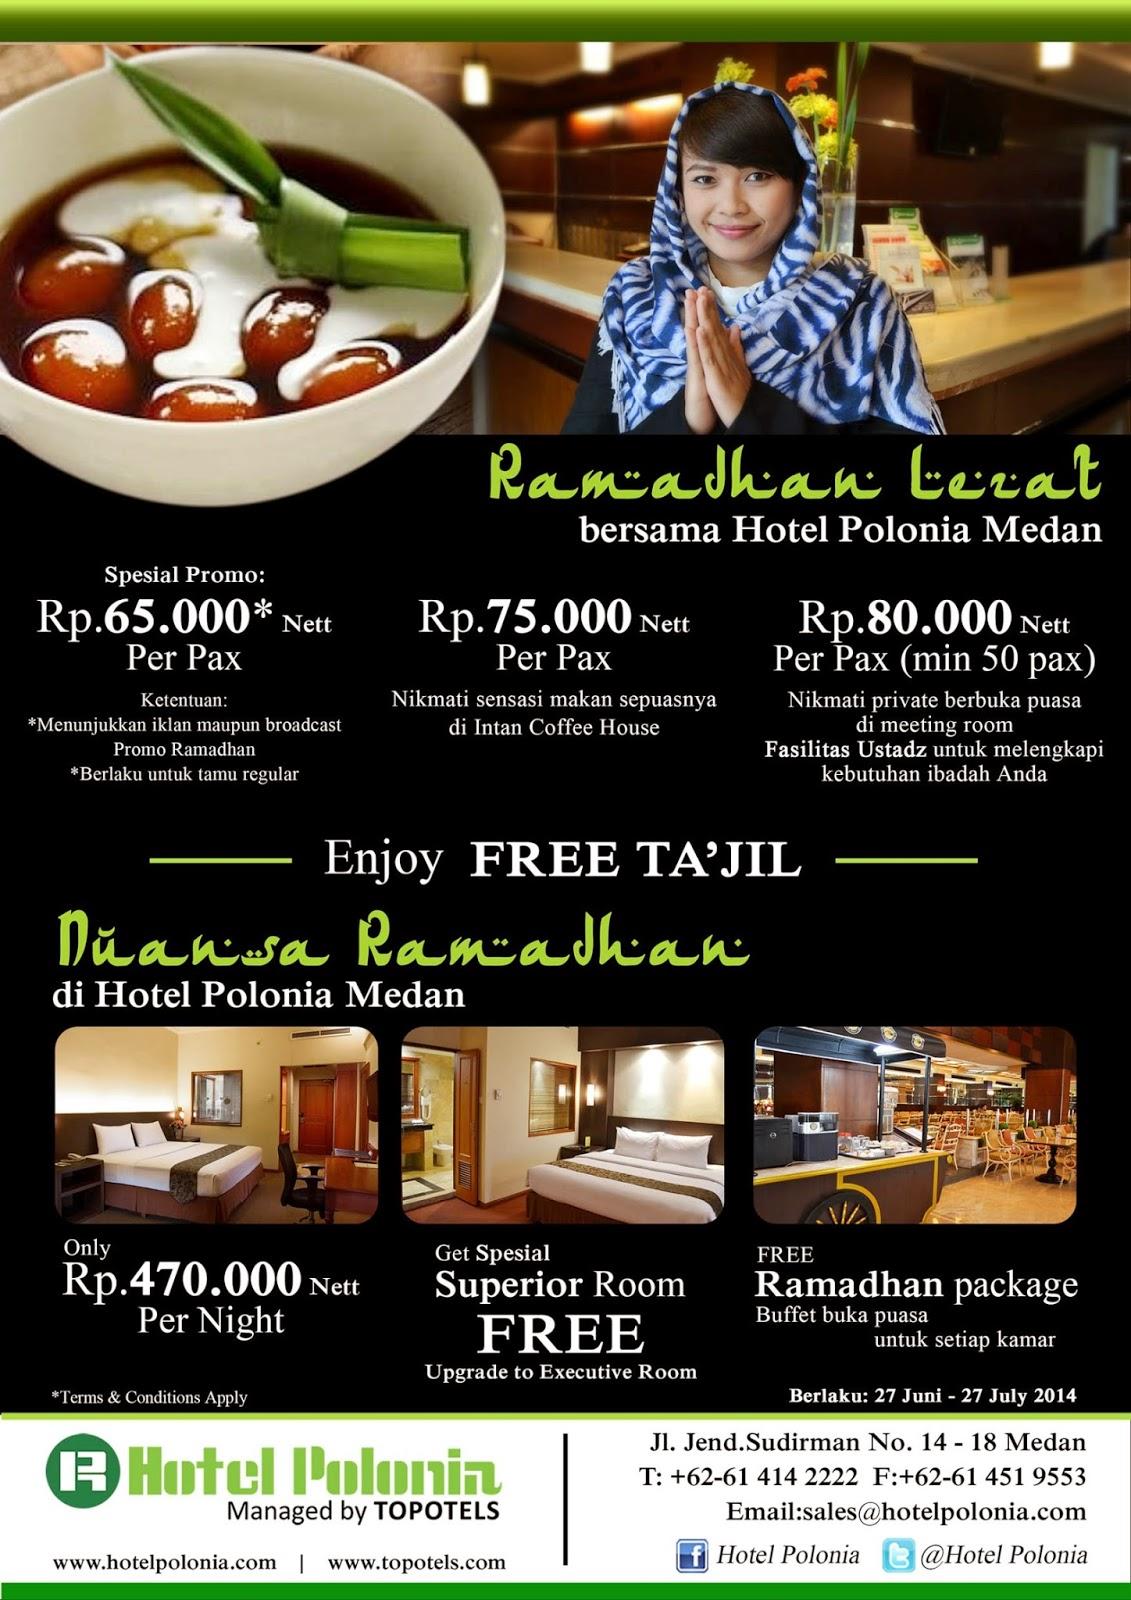 Paket Ramadhan Lezat Ala Hotel Polonia Medan